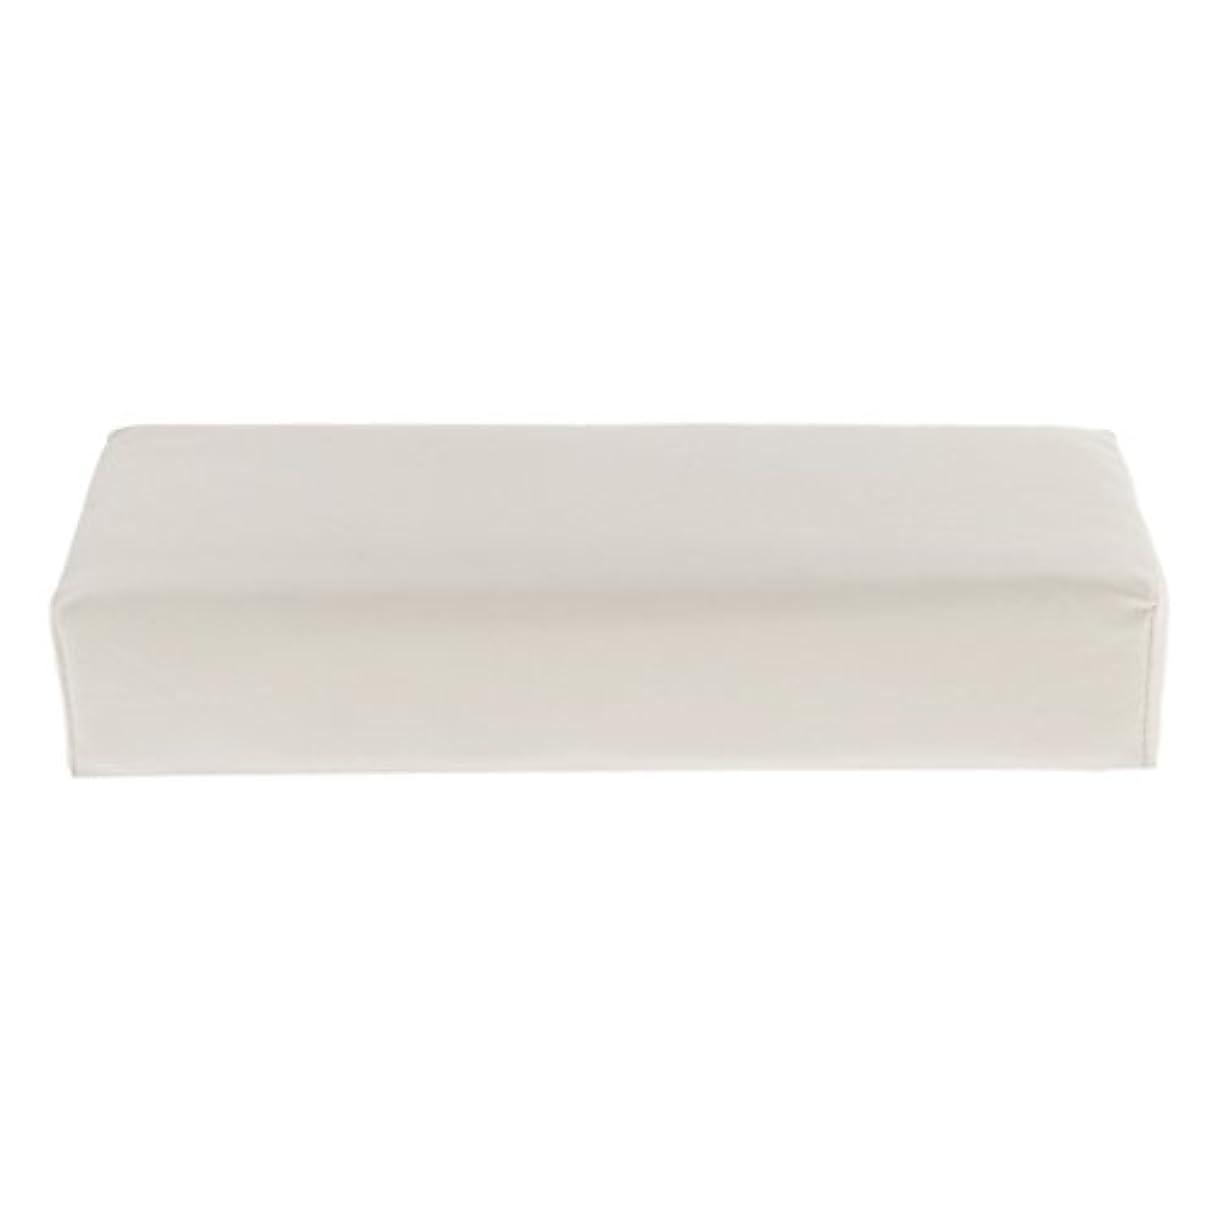 練習薬剤師ウィンクKesoto ハンドピロー ソフト ハンドホルダー クッション ピロー マット ネイル アームタオルレスト マニキュアツール 多色選べる - 白